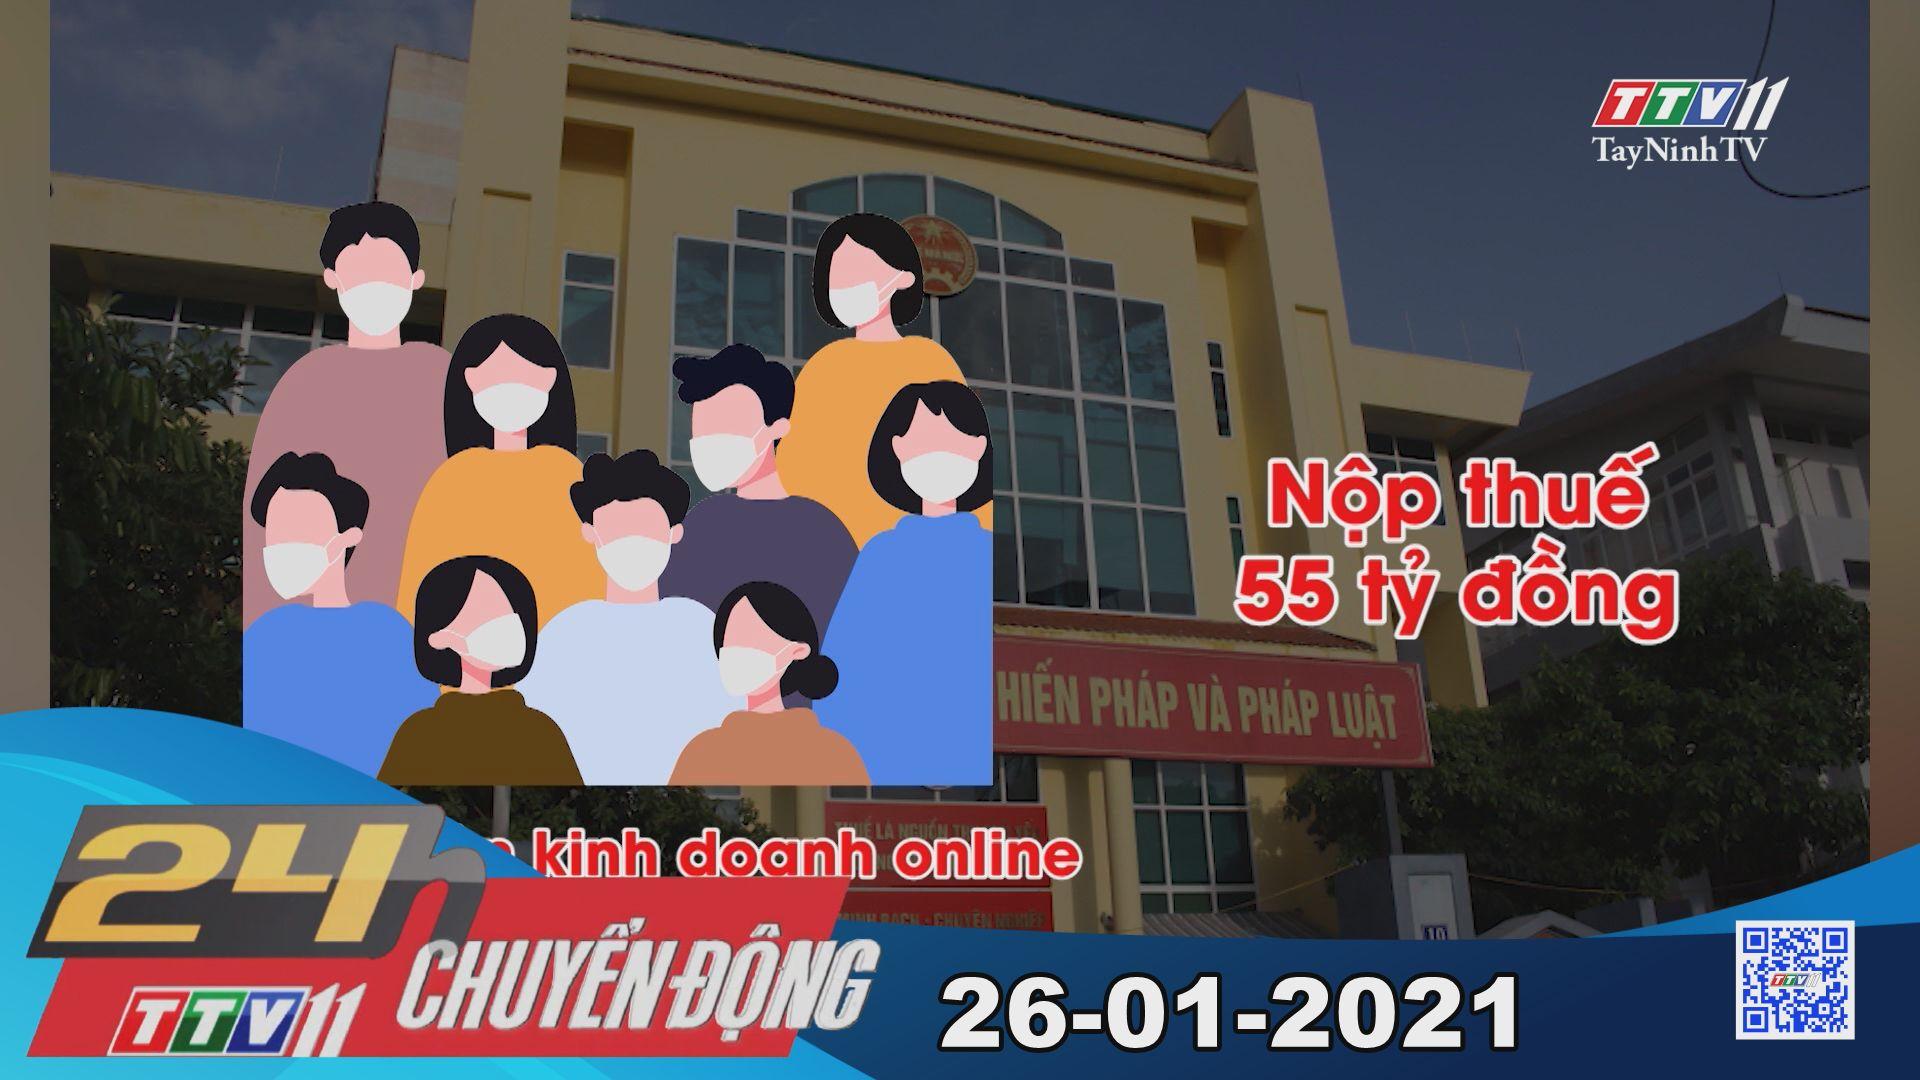 24h Chuyển động 26-01-2021 | Tin tức hôm nay | TayNinhTV